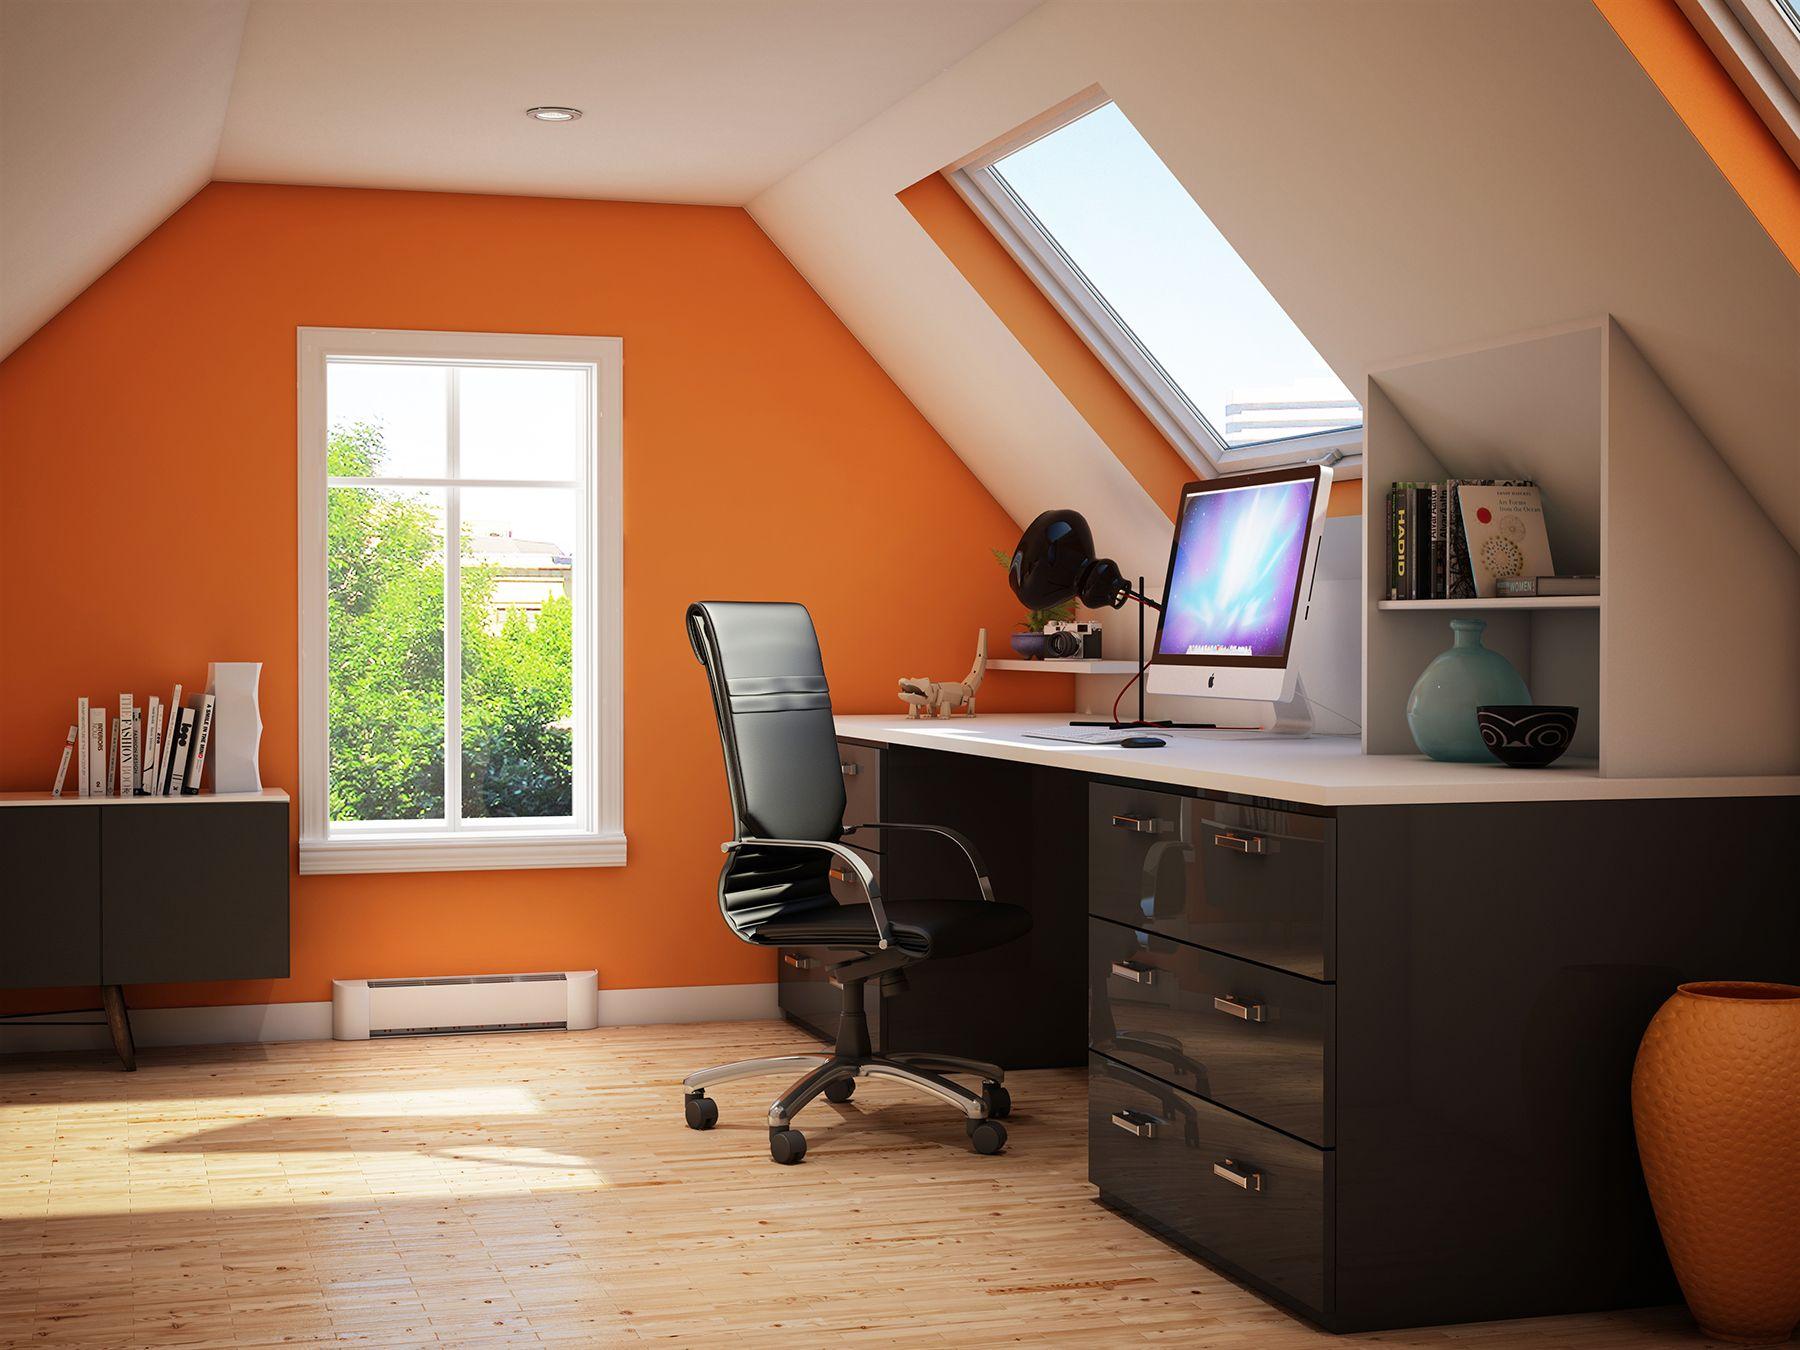 Bureau à la maison, meubles modernes. Workplace at home, modern ...